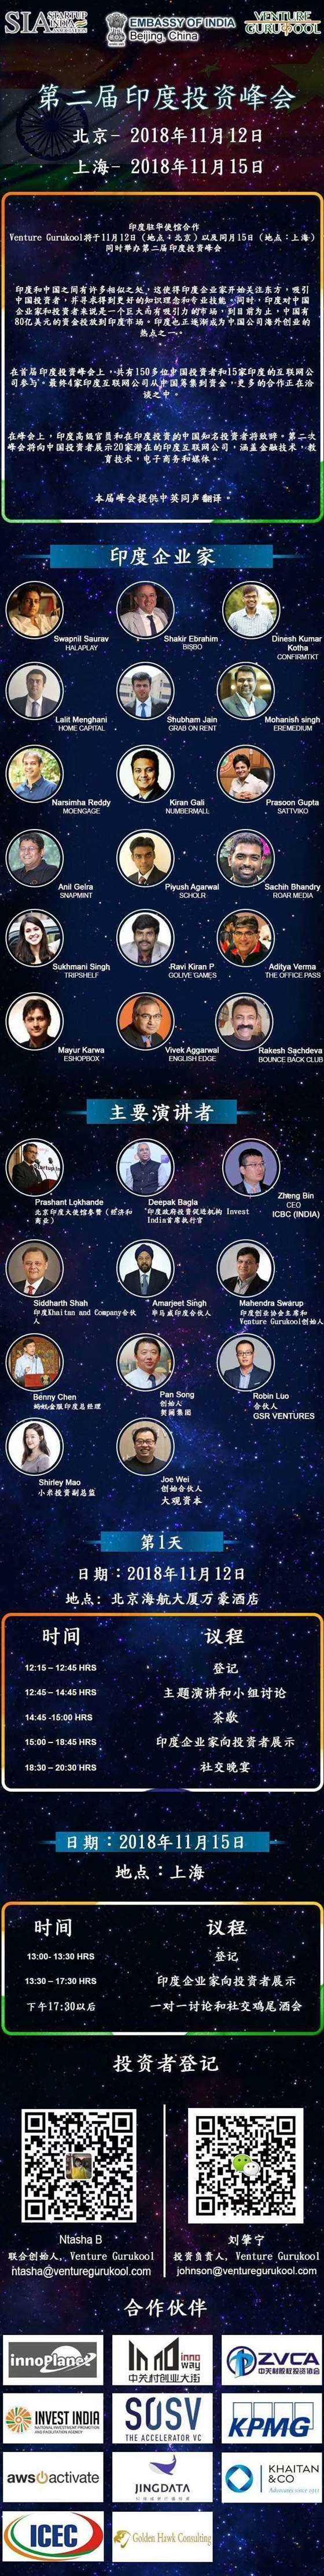 WeChat Image_20181029163158.jpg